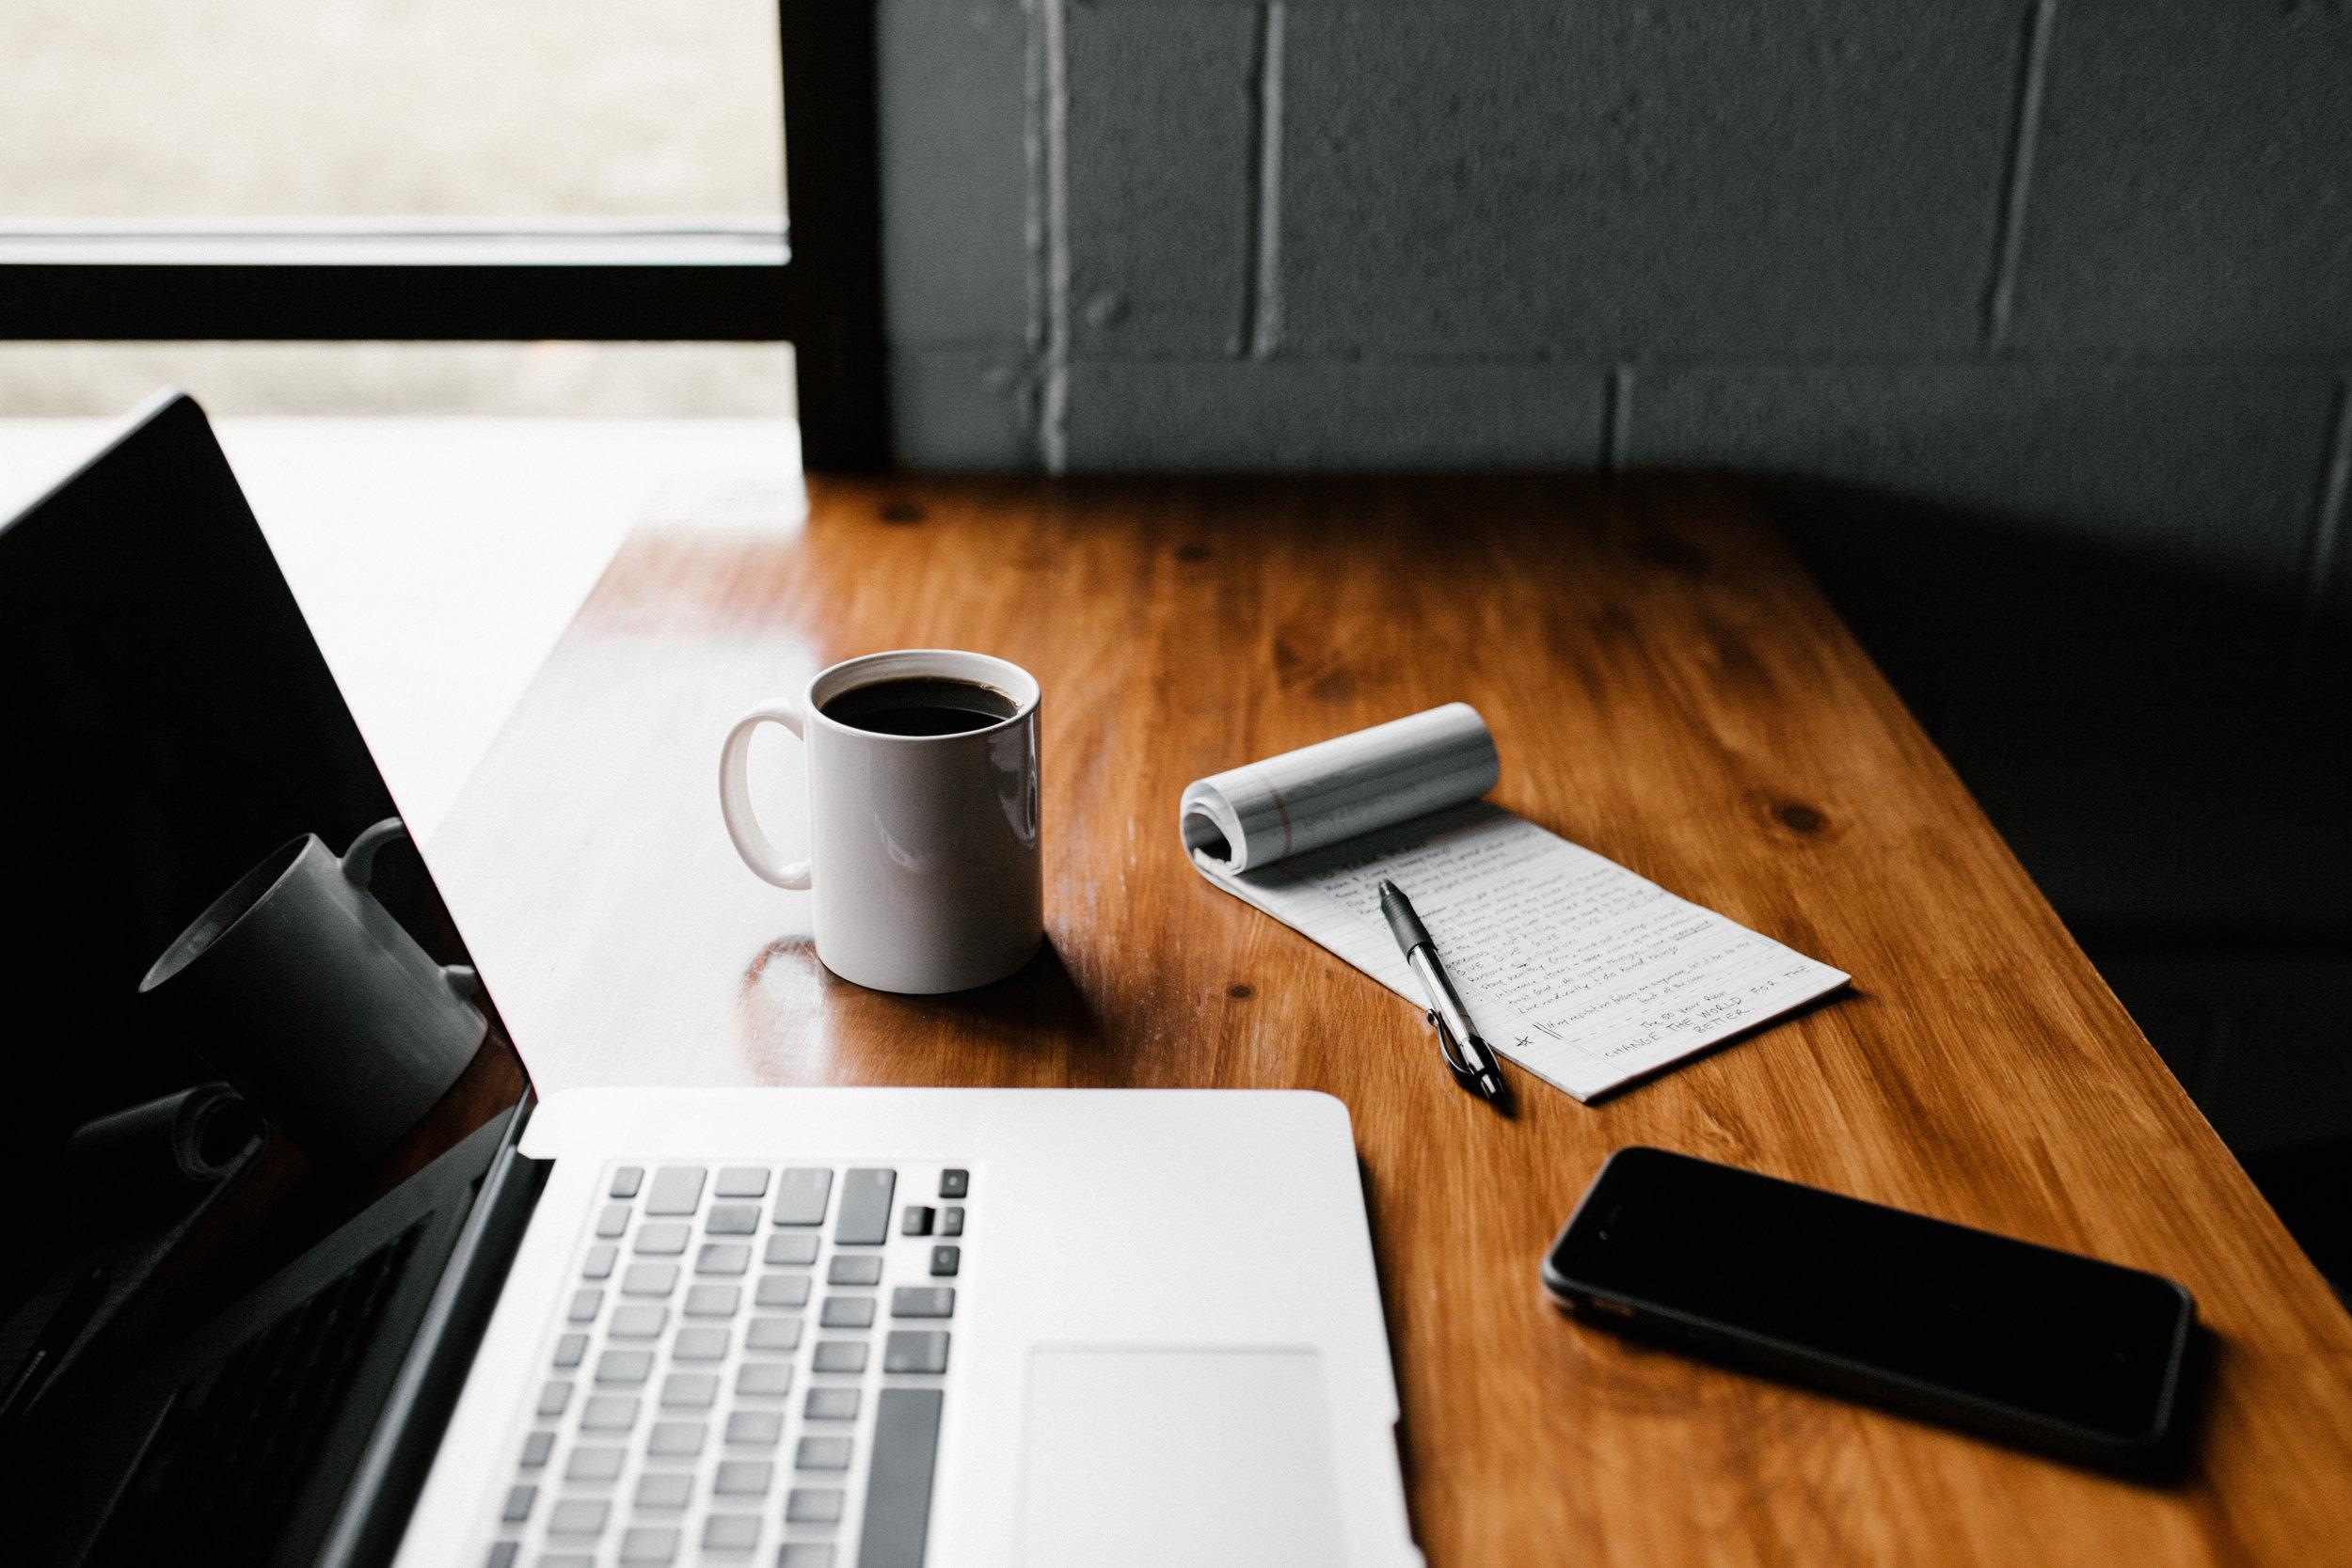 Pre-presentatie checklist - Hiermee weet dat je praktische zaken kunt loslaten en je kunt focussen op je presentatie.